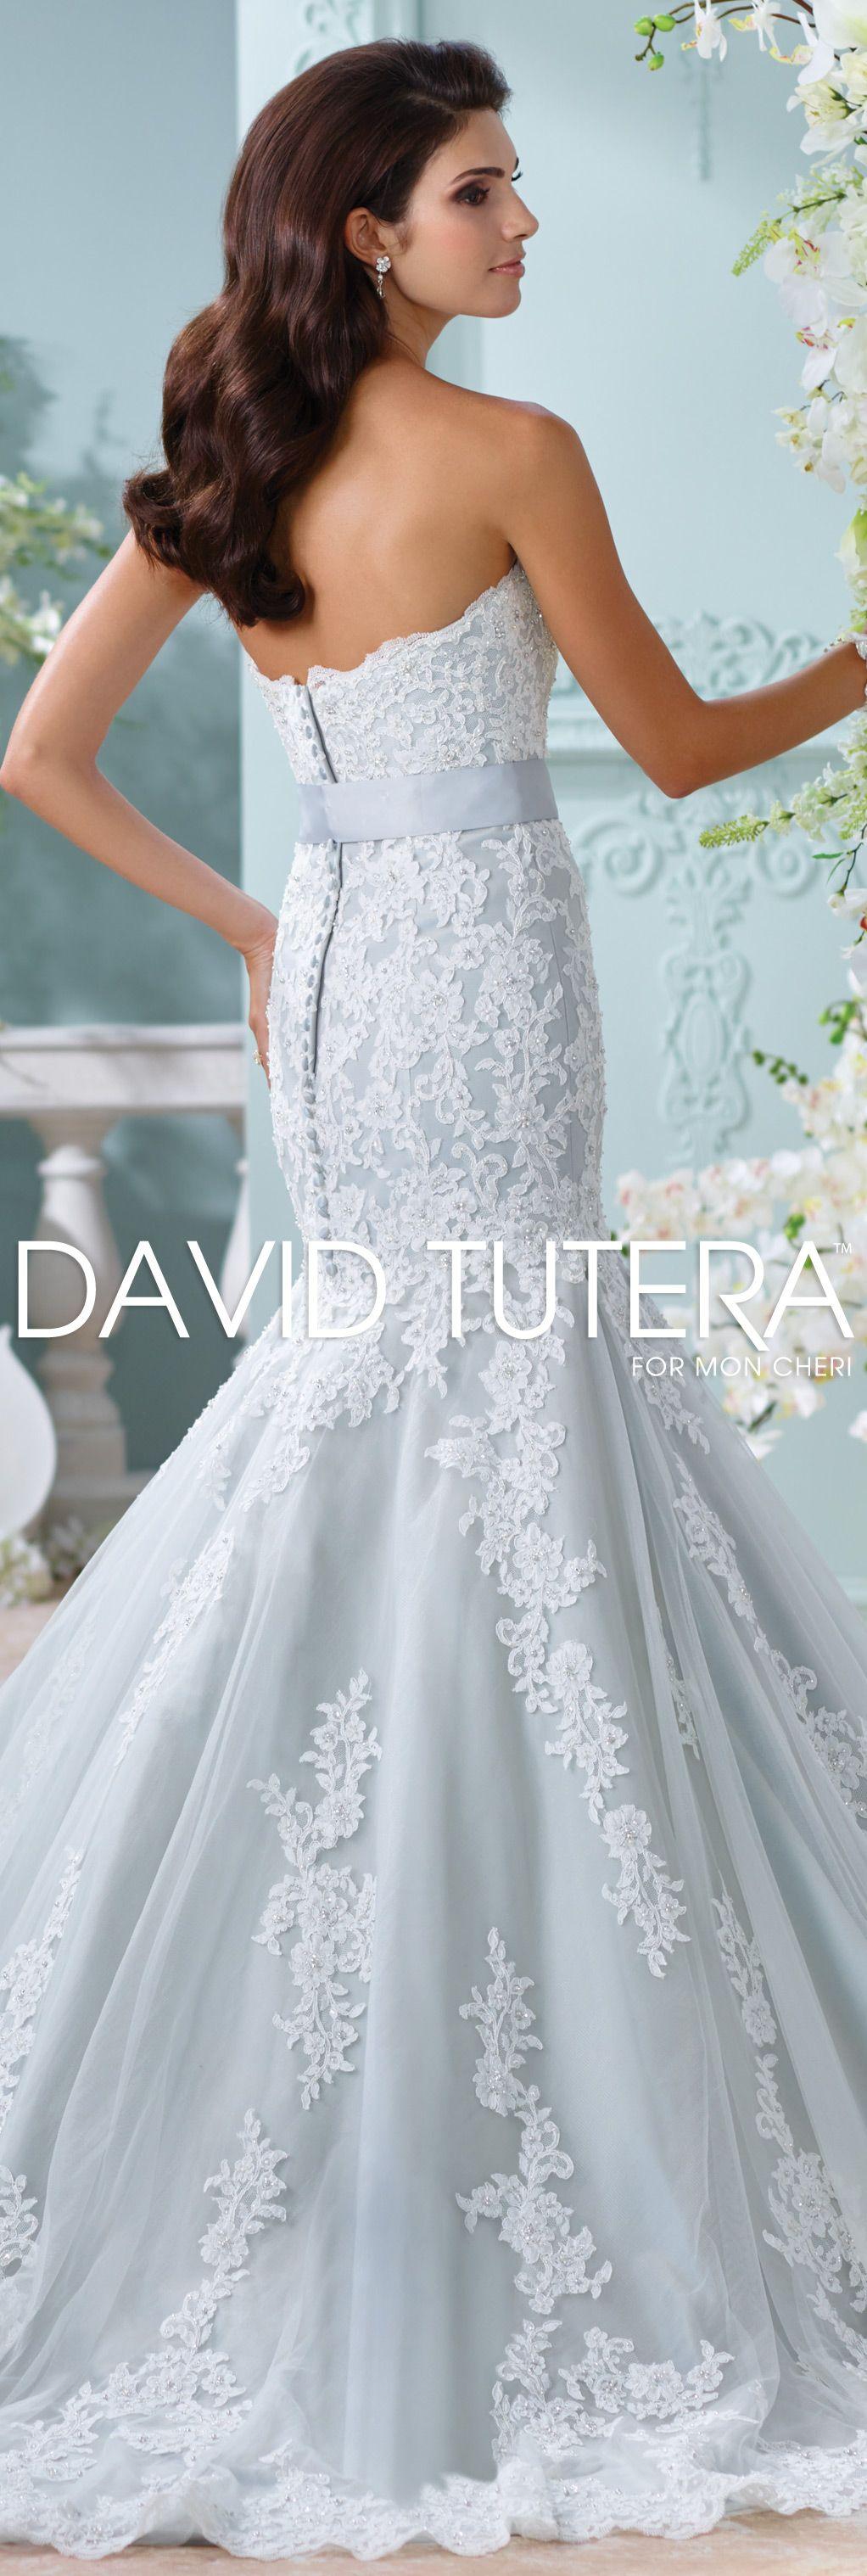 Unique Wedding Dresses Spring 2018 - Martin Thornburg   Vestidos de ...